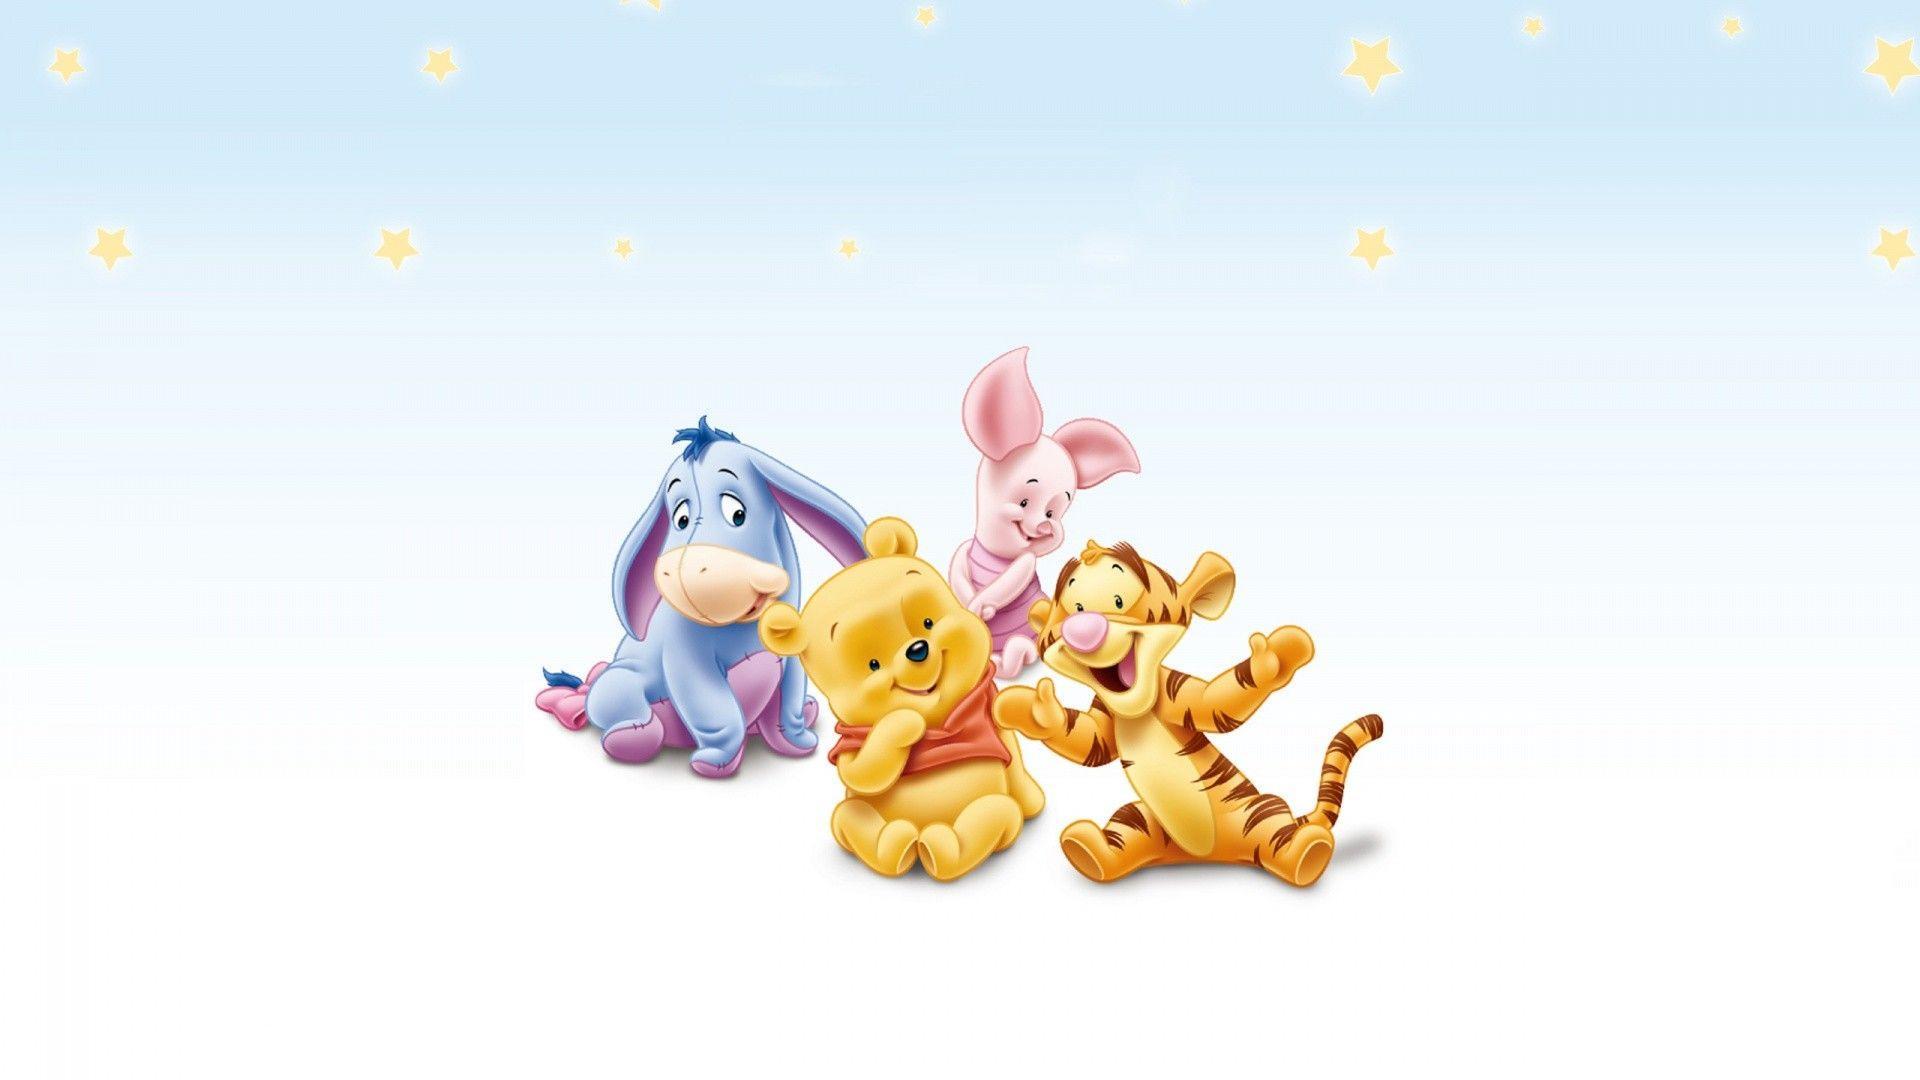 3d Cute Disney Wallpapers Top Free 3d Cute Disney